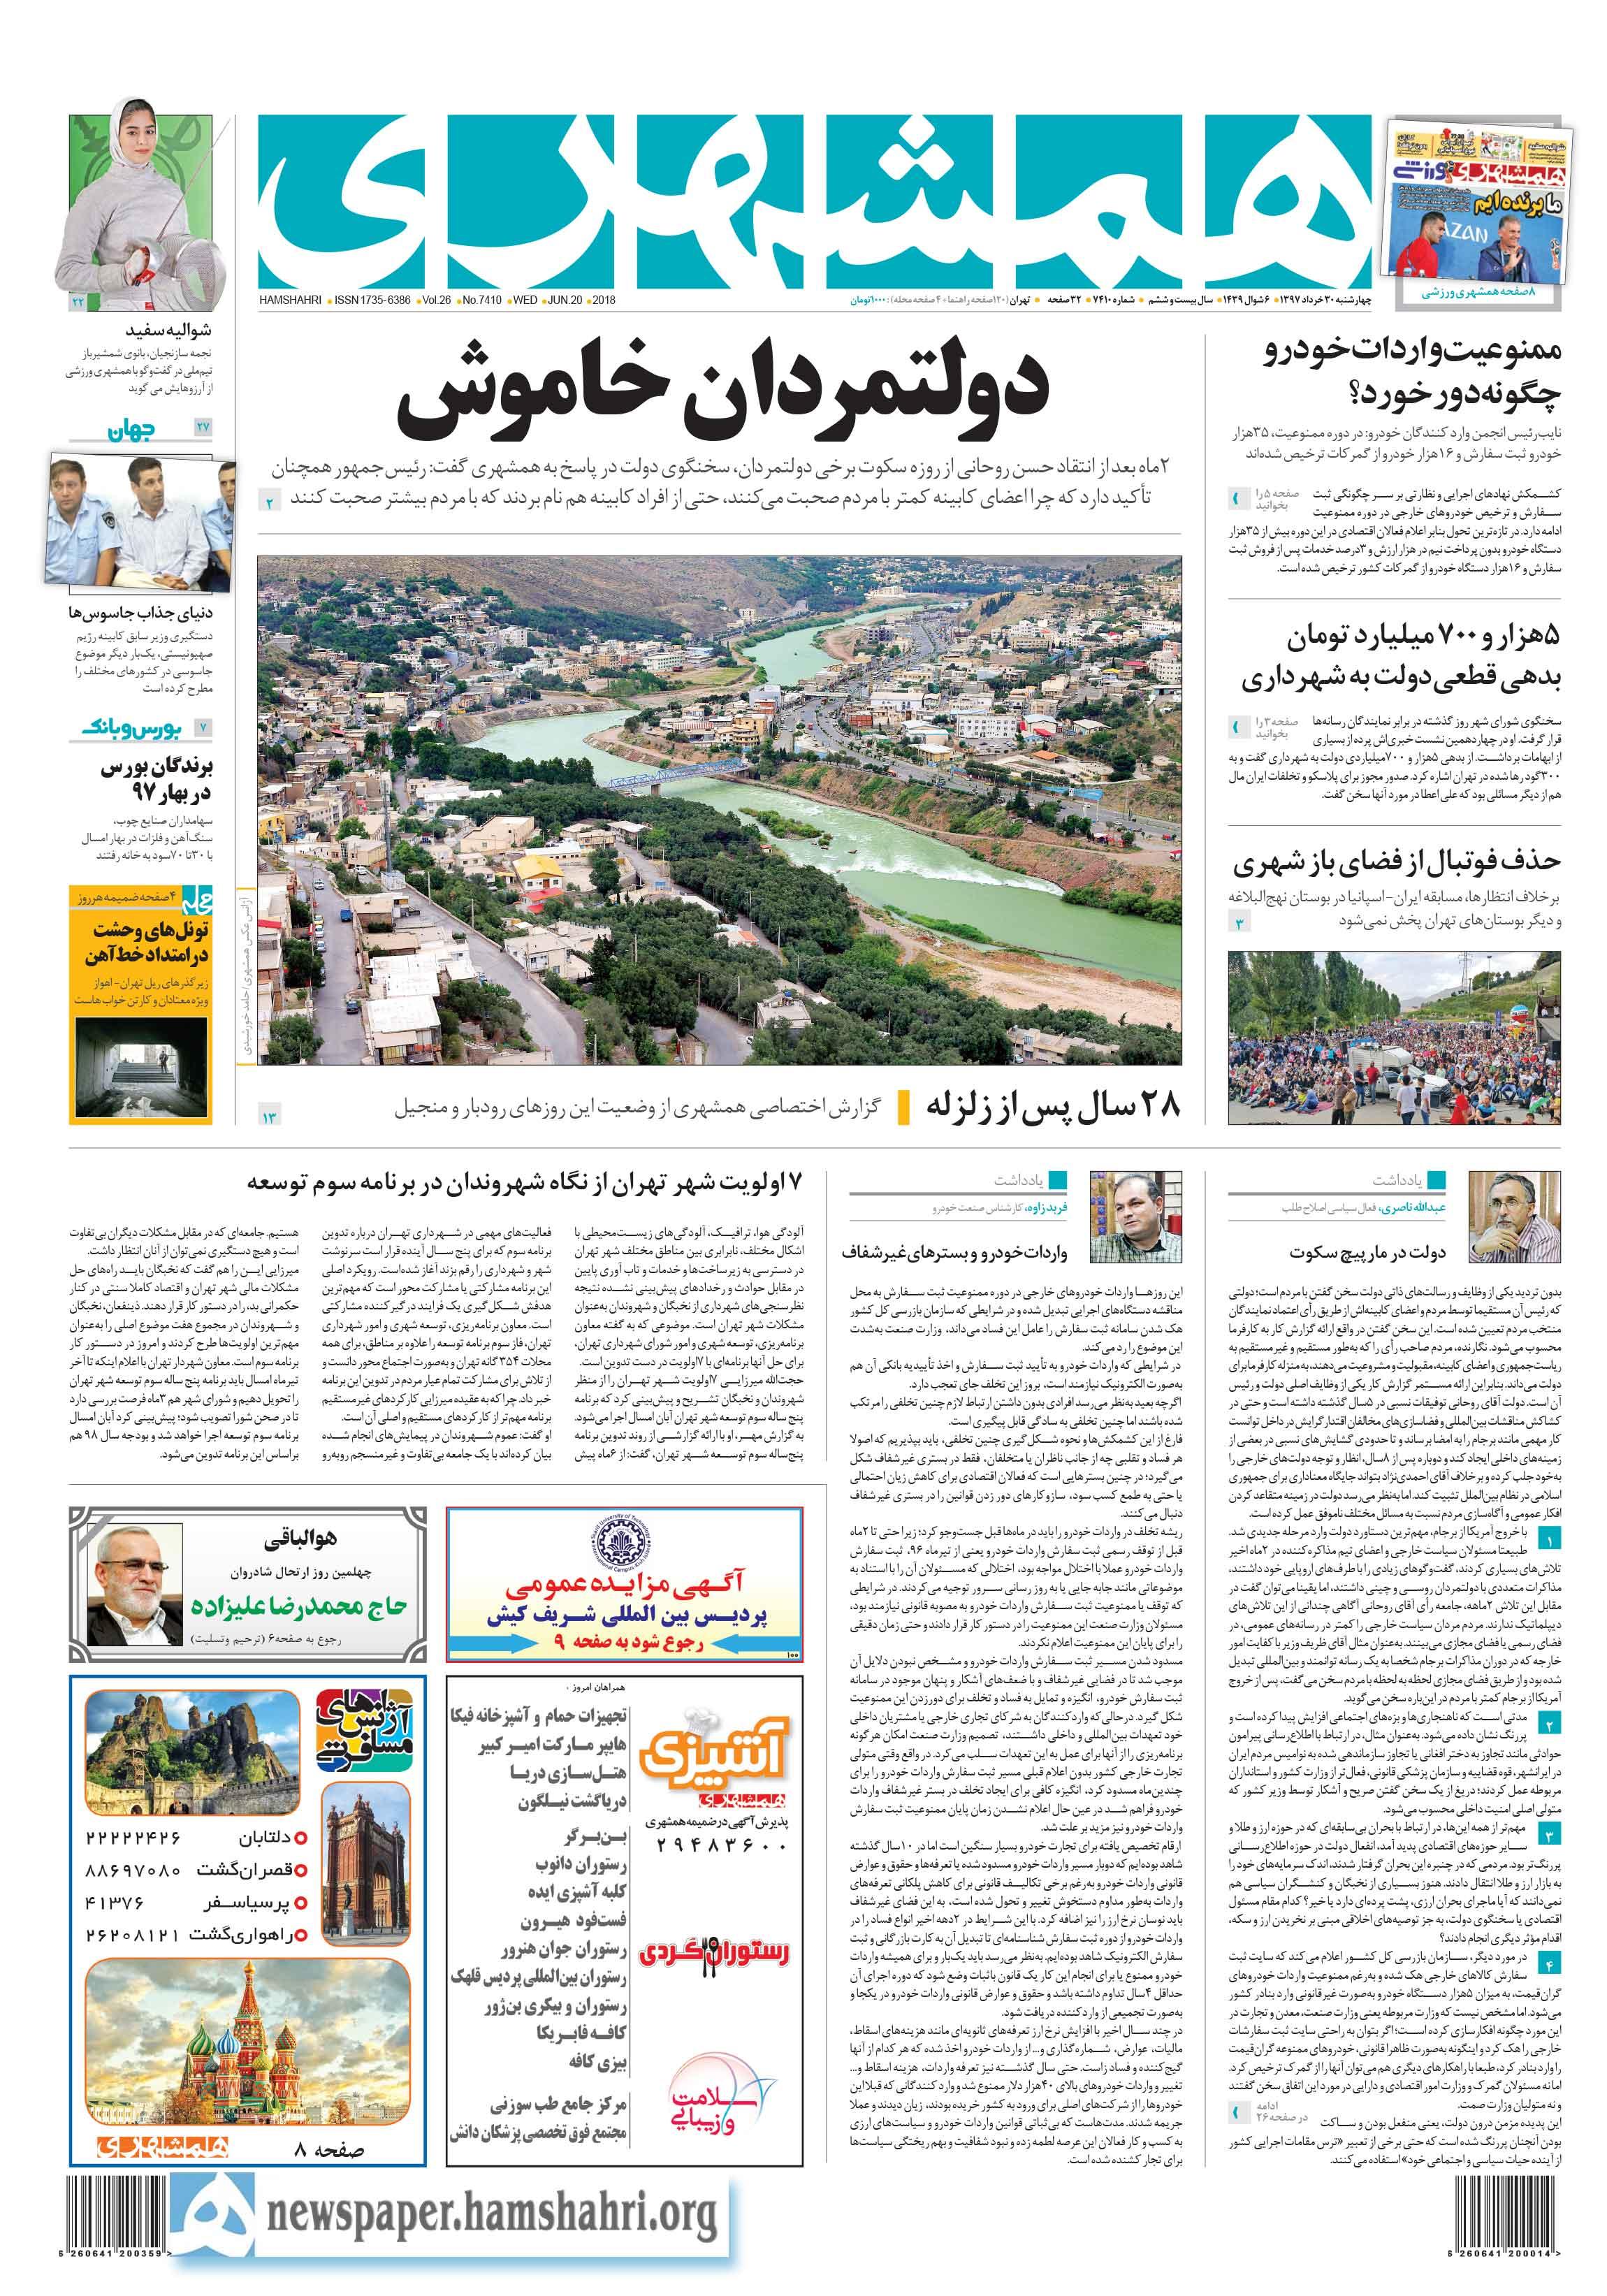 صفحه اول چهارشنبه 30 خرداد 1397